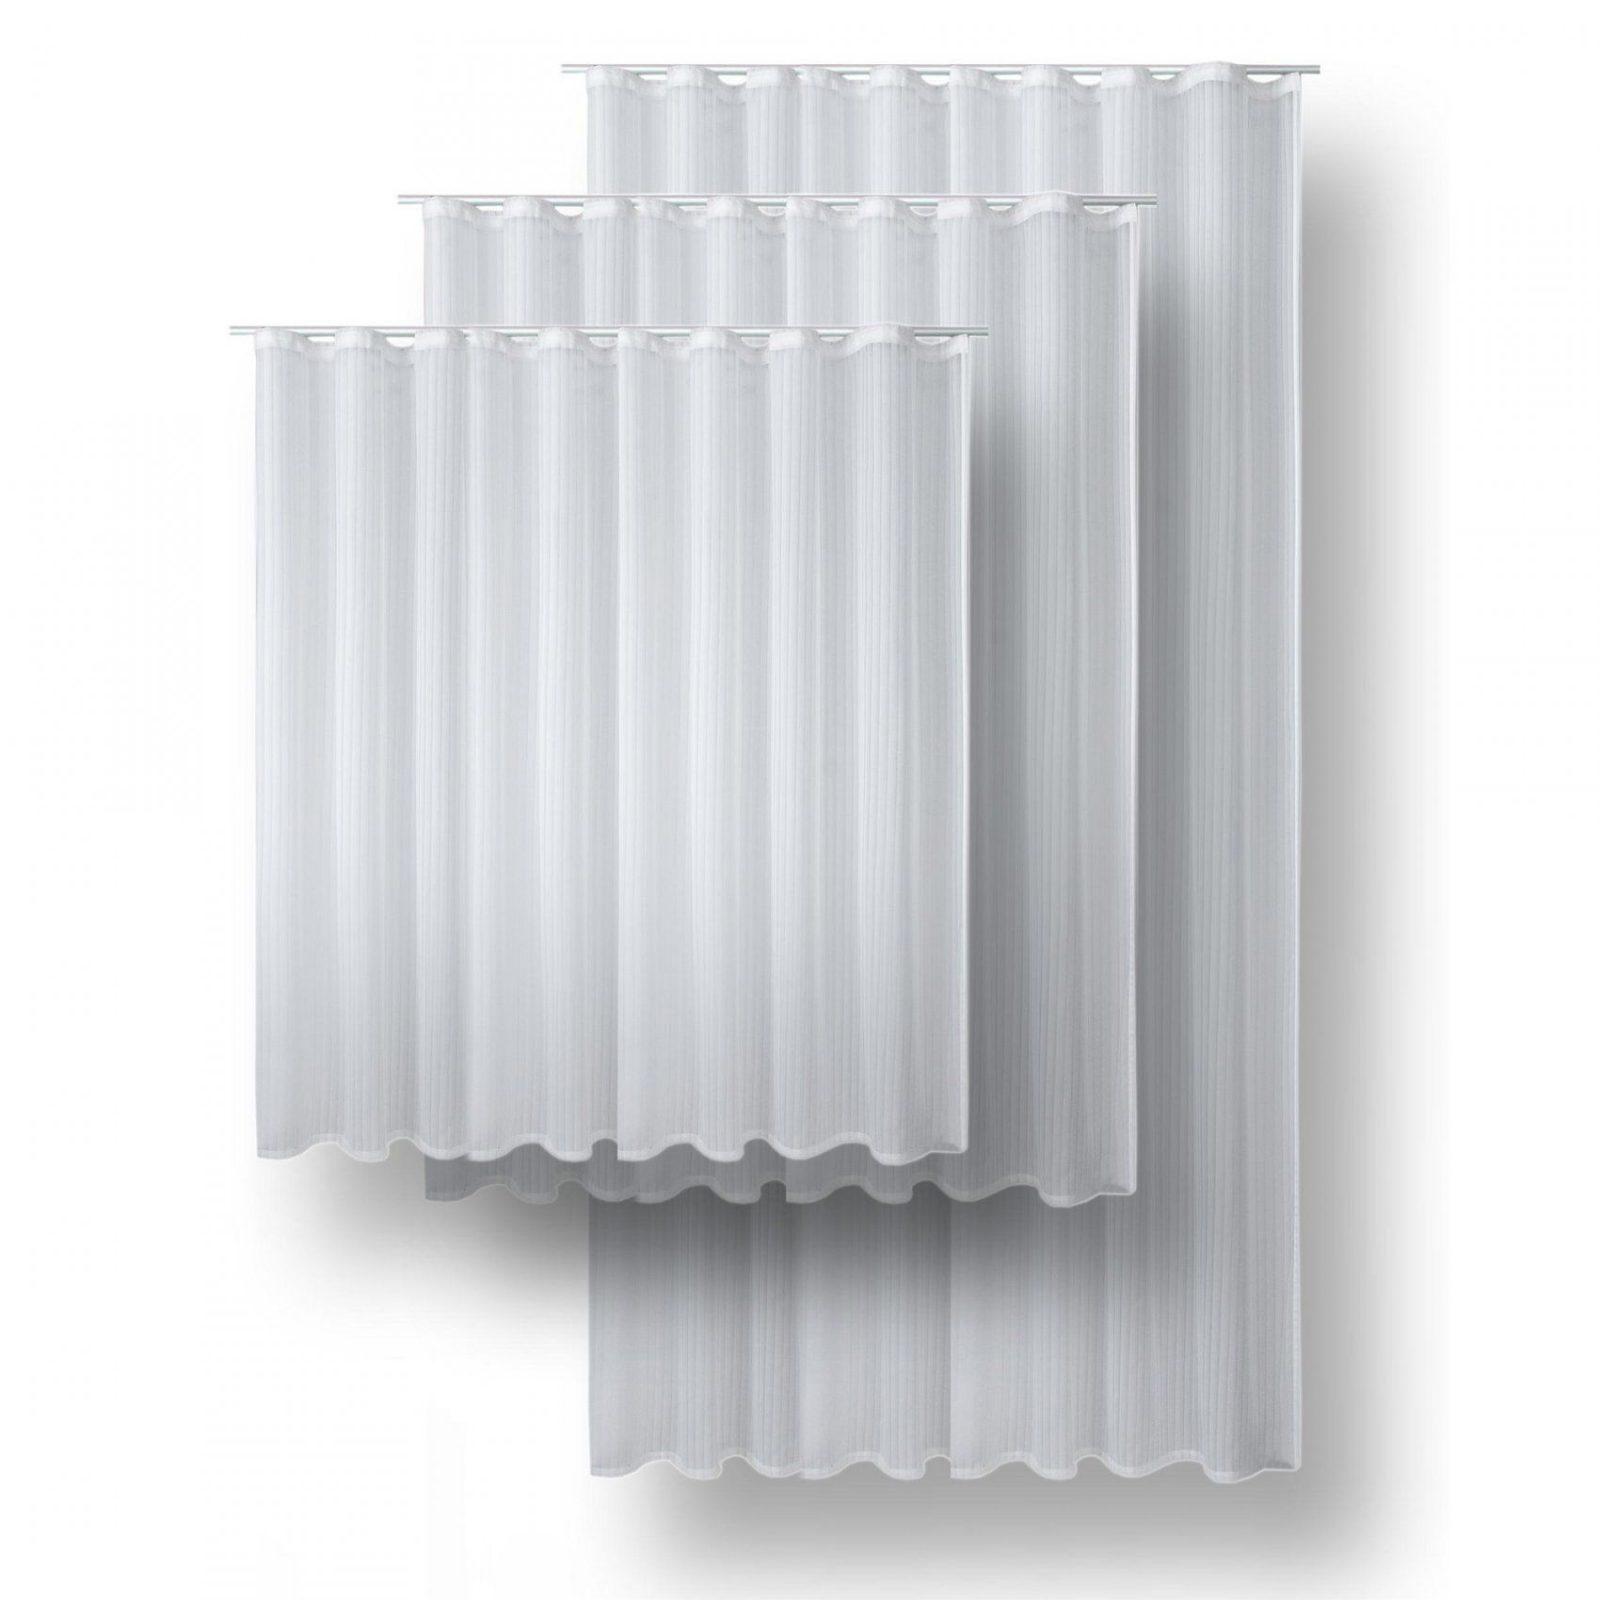 Vorhang 50 Cm Breit – Zuhause Image Idee von Scheibengardinen 50 Cm Breit Photo